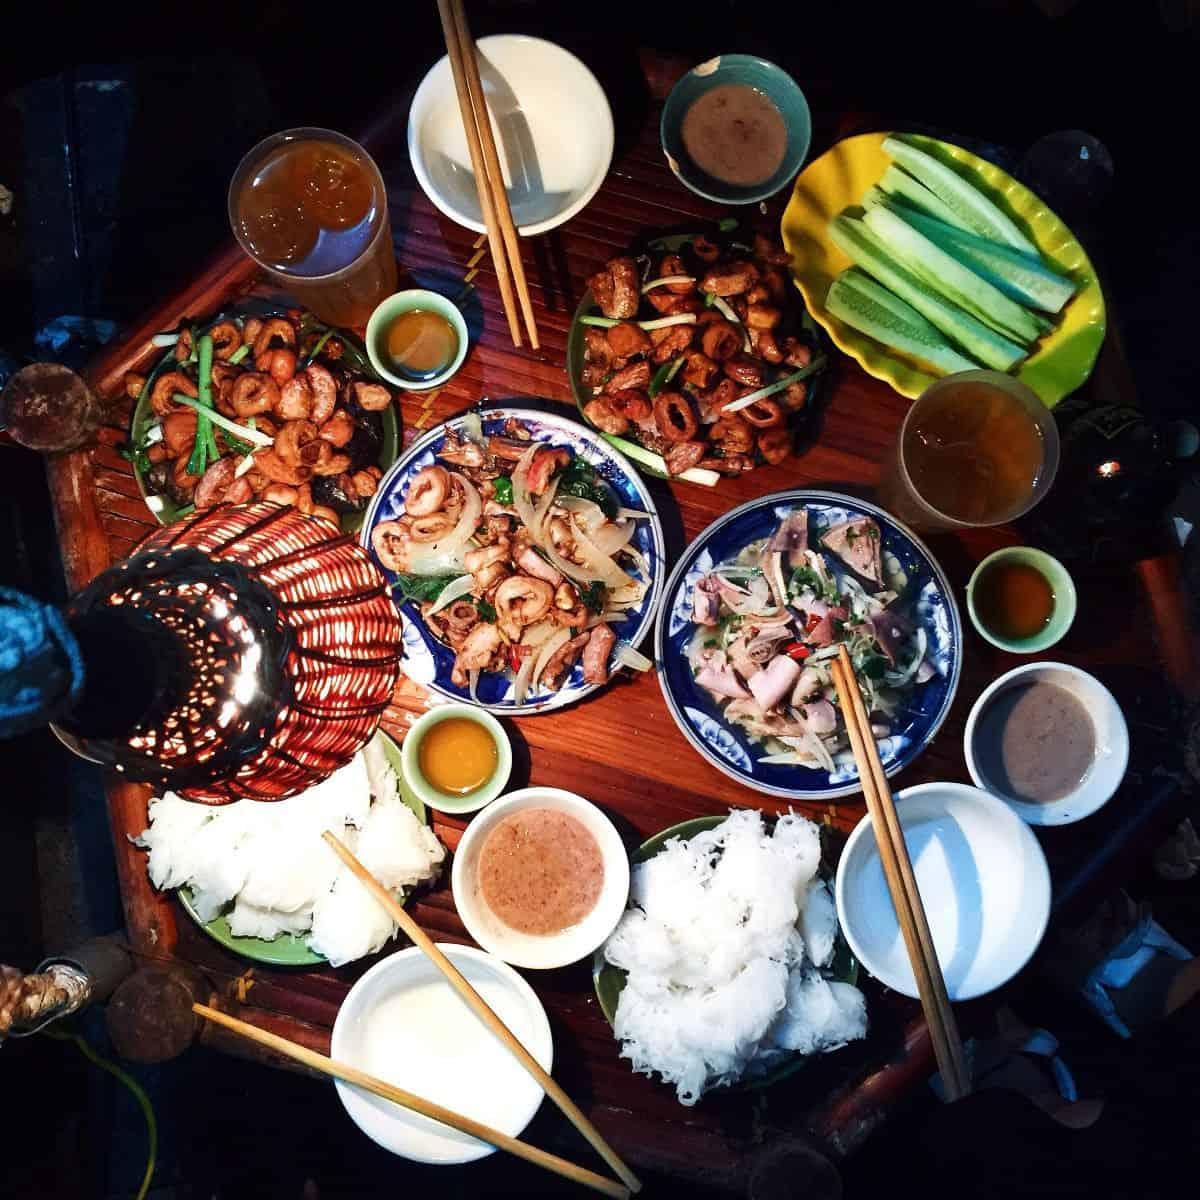 Lòng rán phố cổ - món ăn dành cho cú đêm Hà Nội. Ảnh: ST